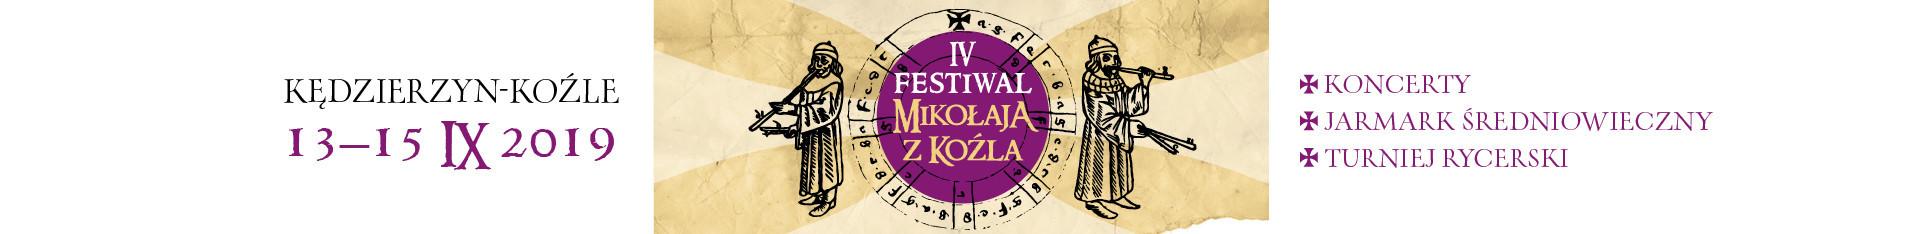 IV Festiwal Mikołaja z Koźla - 13 - 15 września 2019 roku